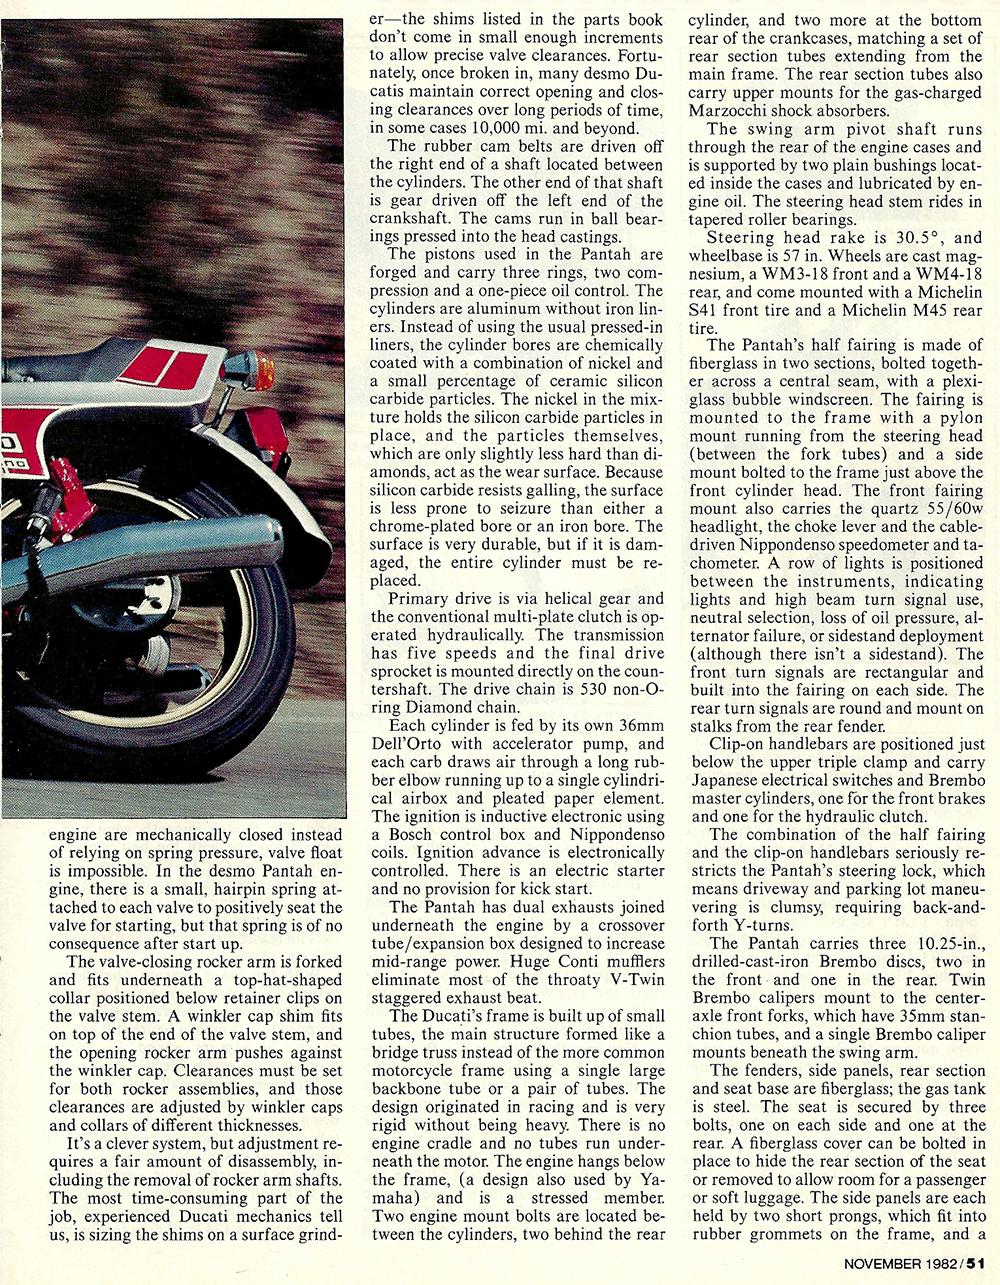 1982 Ducati 600SL Pantah road test 04.jpg